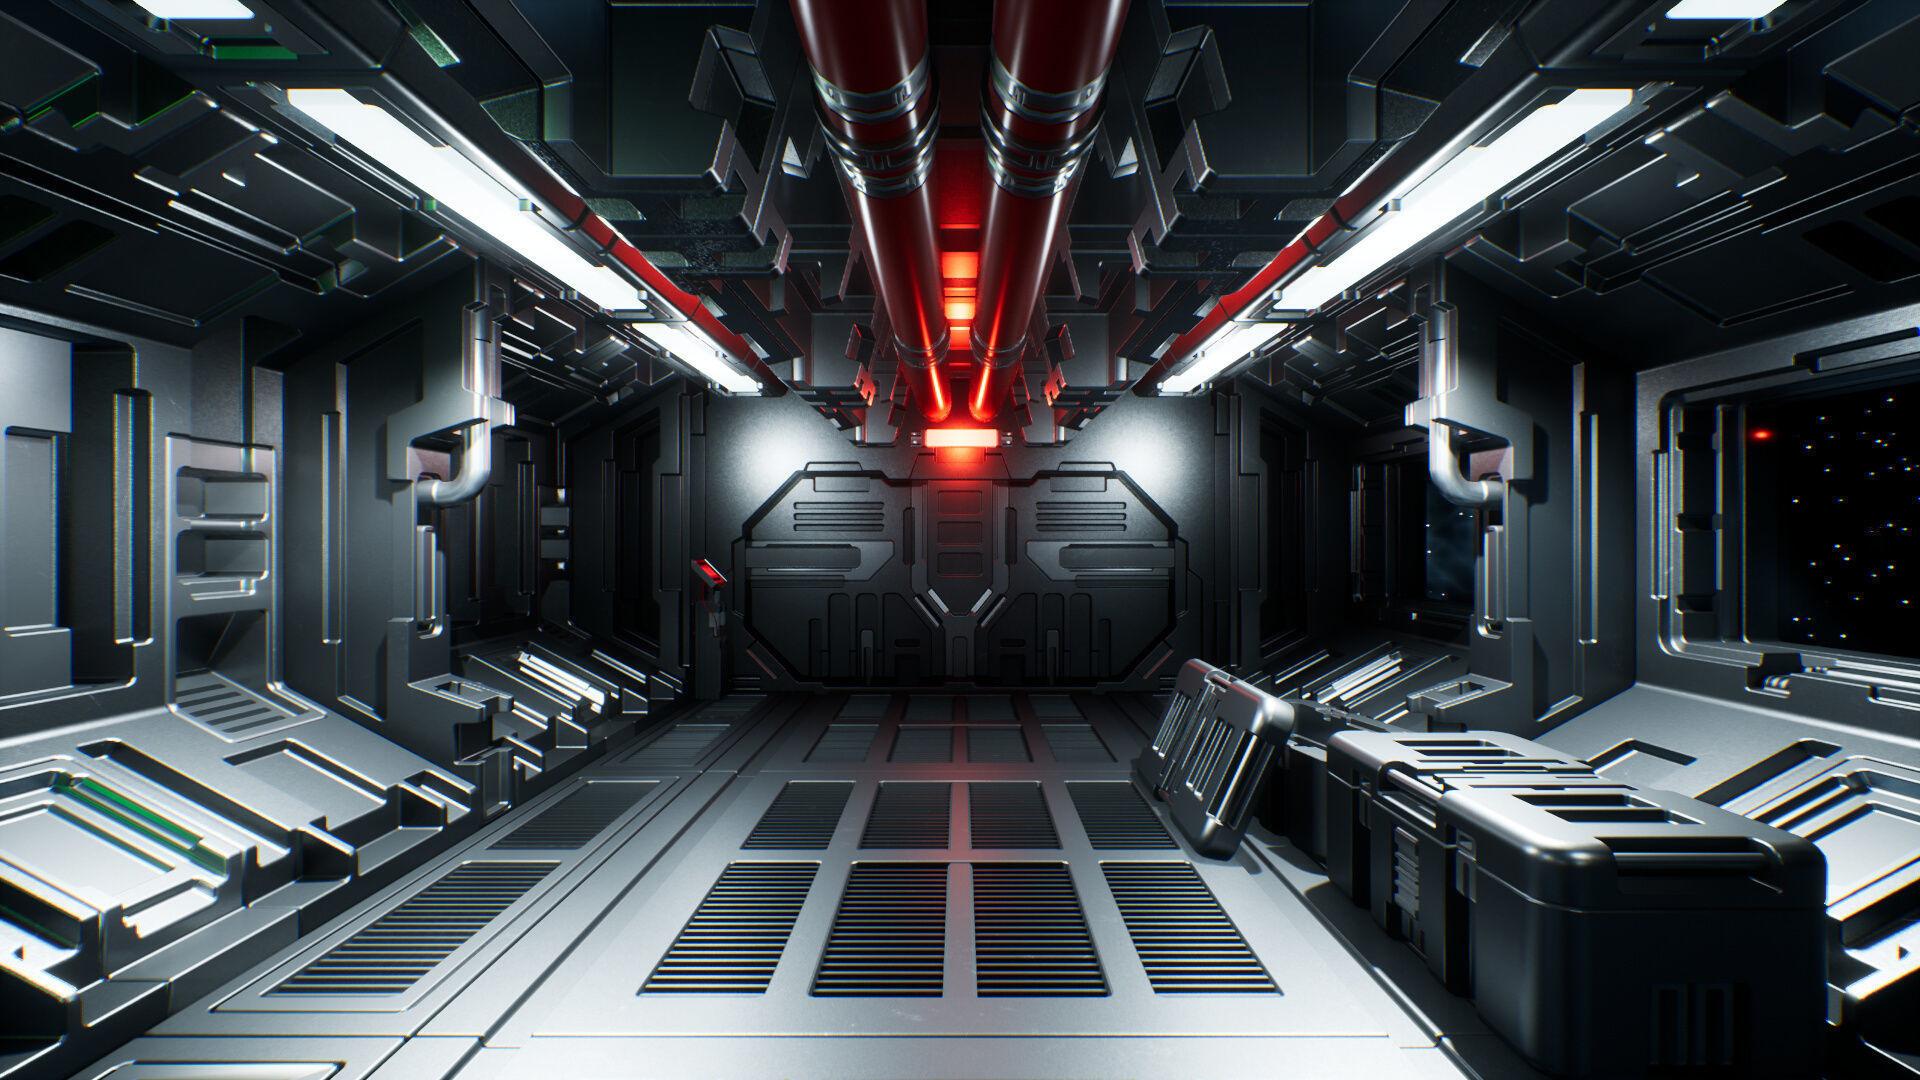 Modular Sci-Fi Interior II